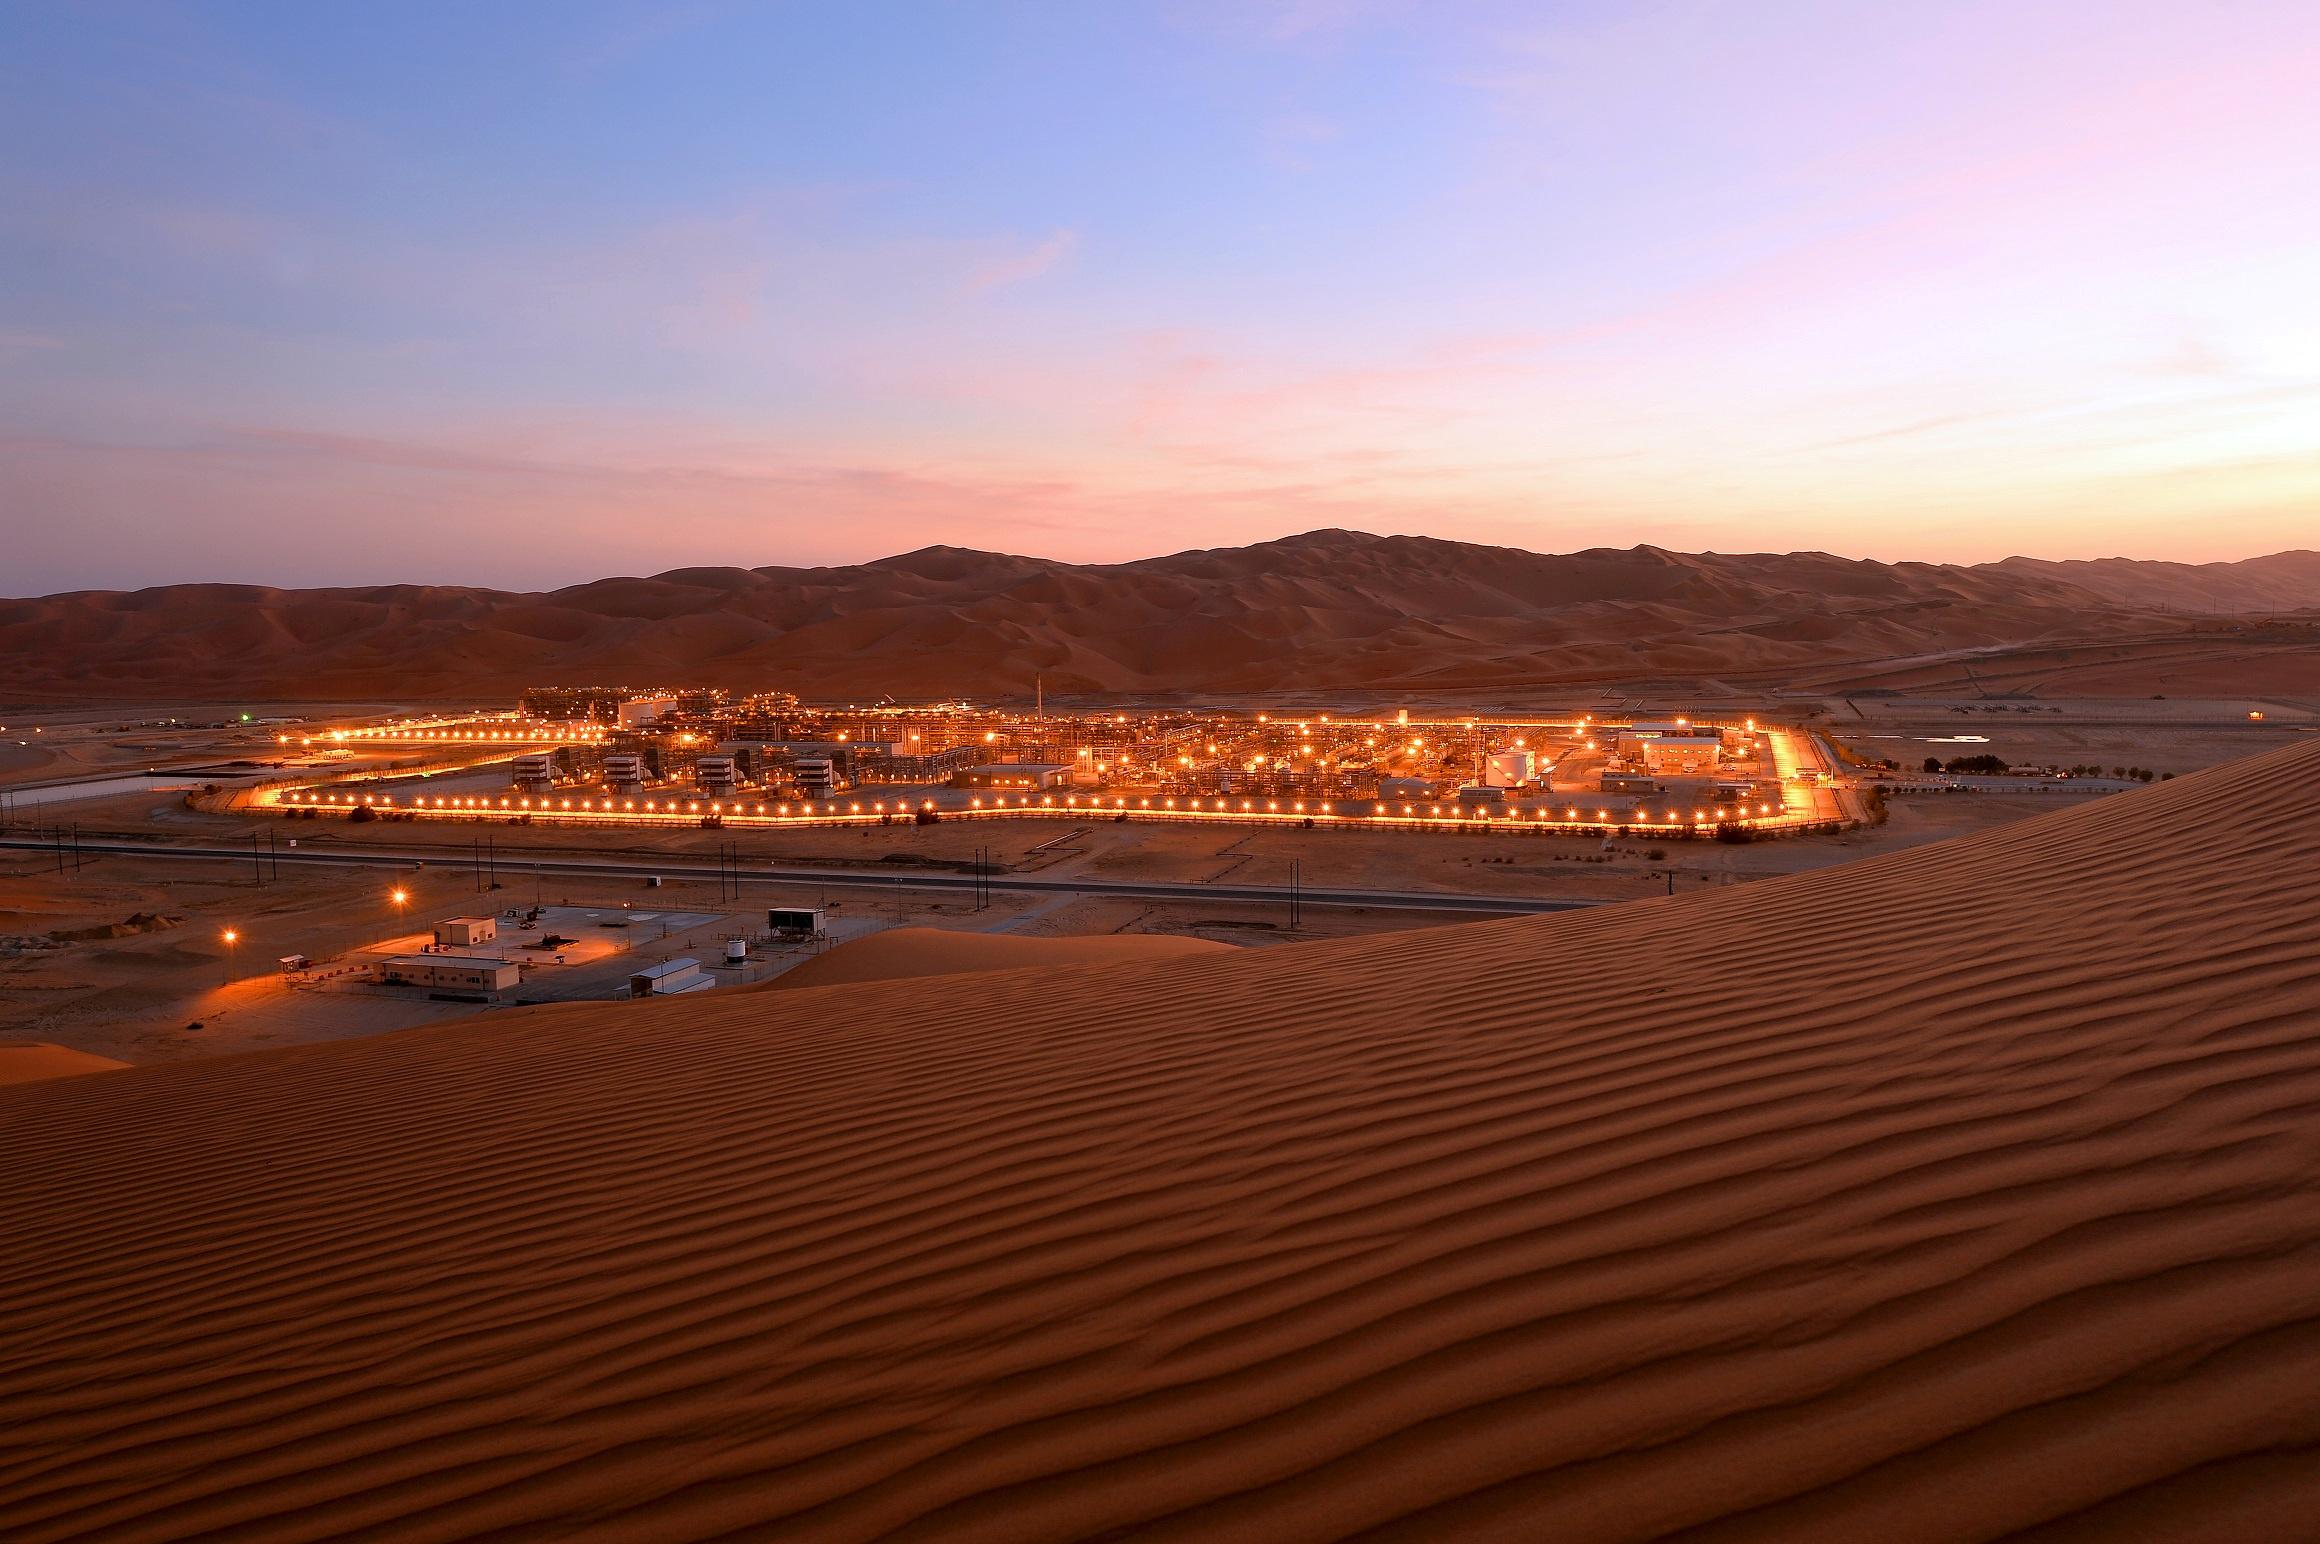 NGL projekt Shaybah tvrtke Saudi Aramco